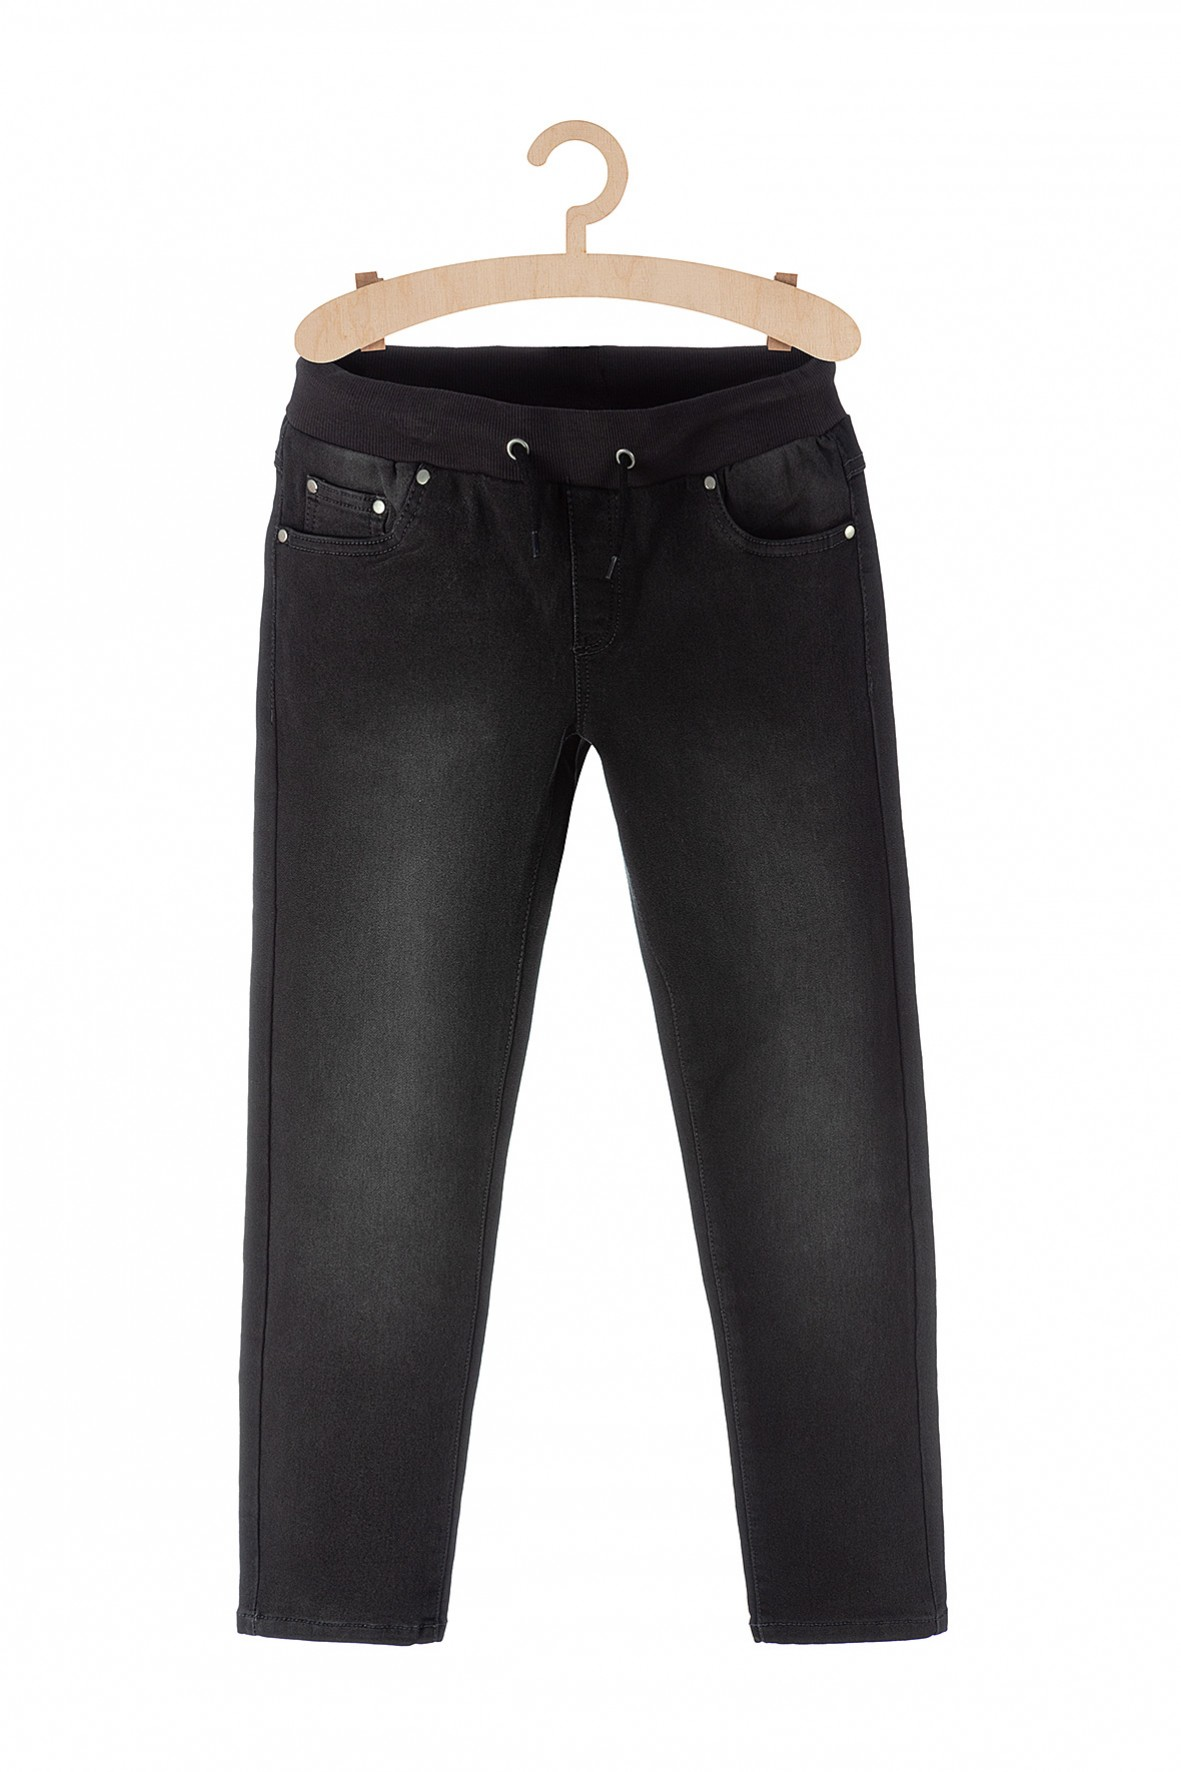 Spodnie chłopięce czarne jeansowe